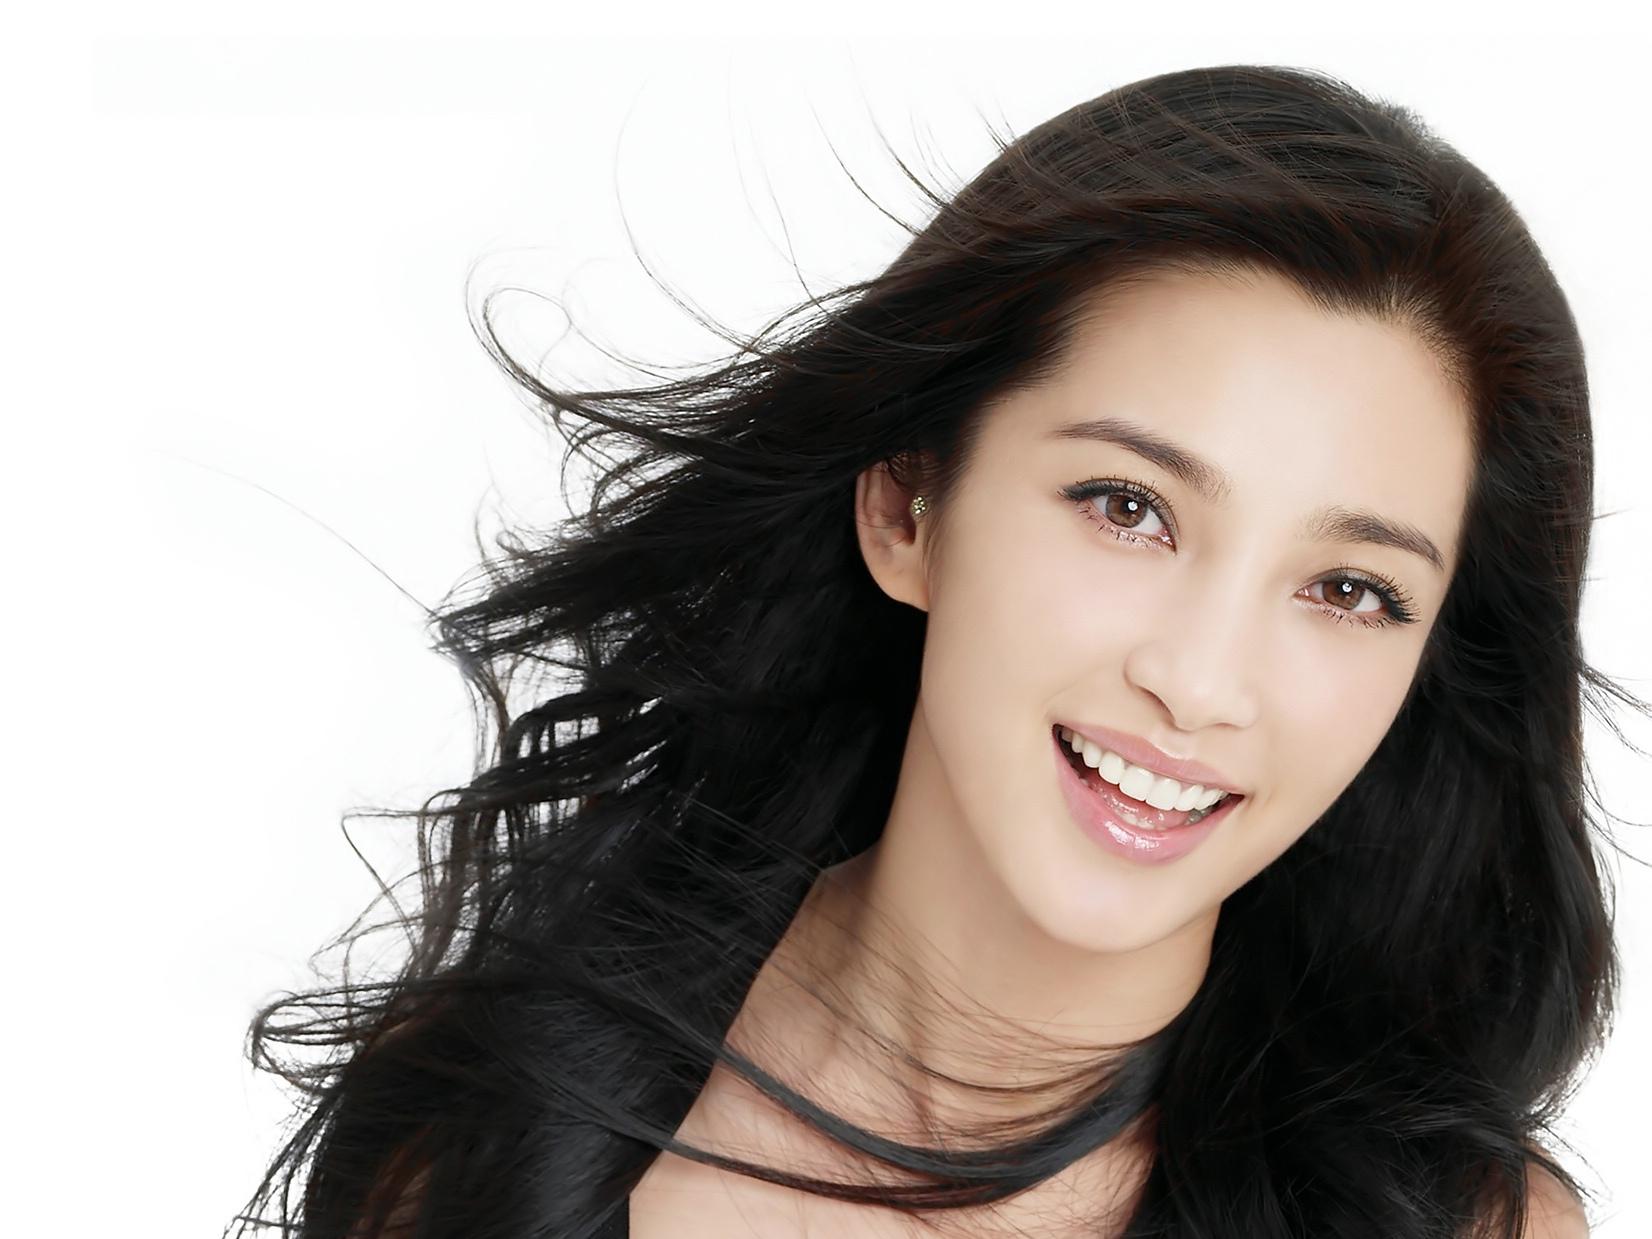 Điểm tên 5 người có khuôn mặt đẹp nhất điện ảnh Hoa Ngữ 5